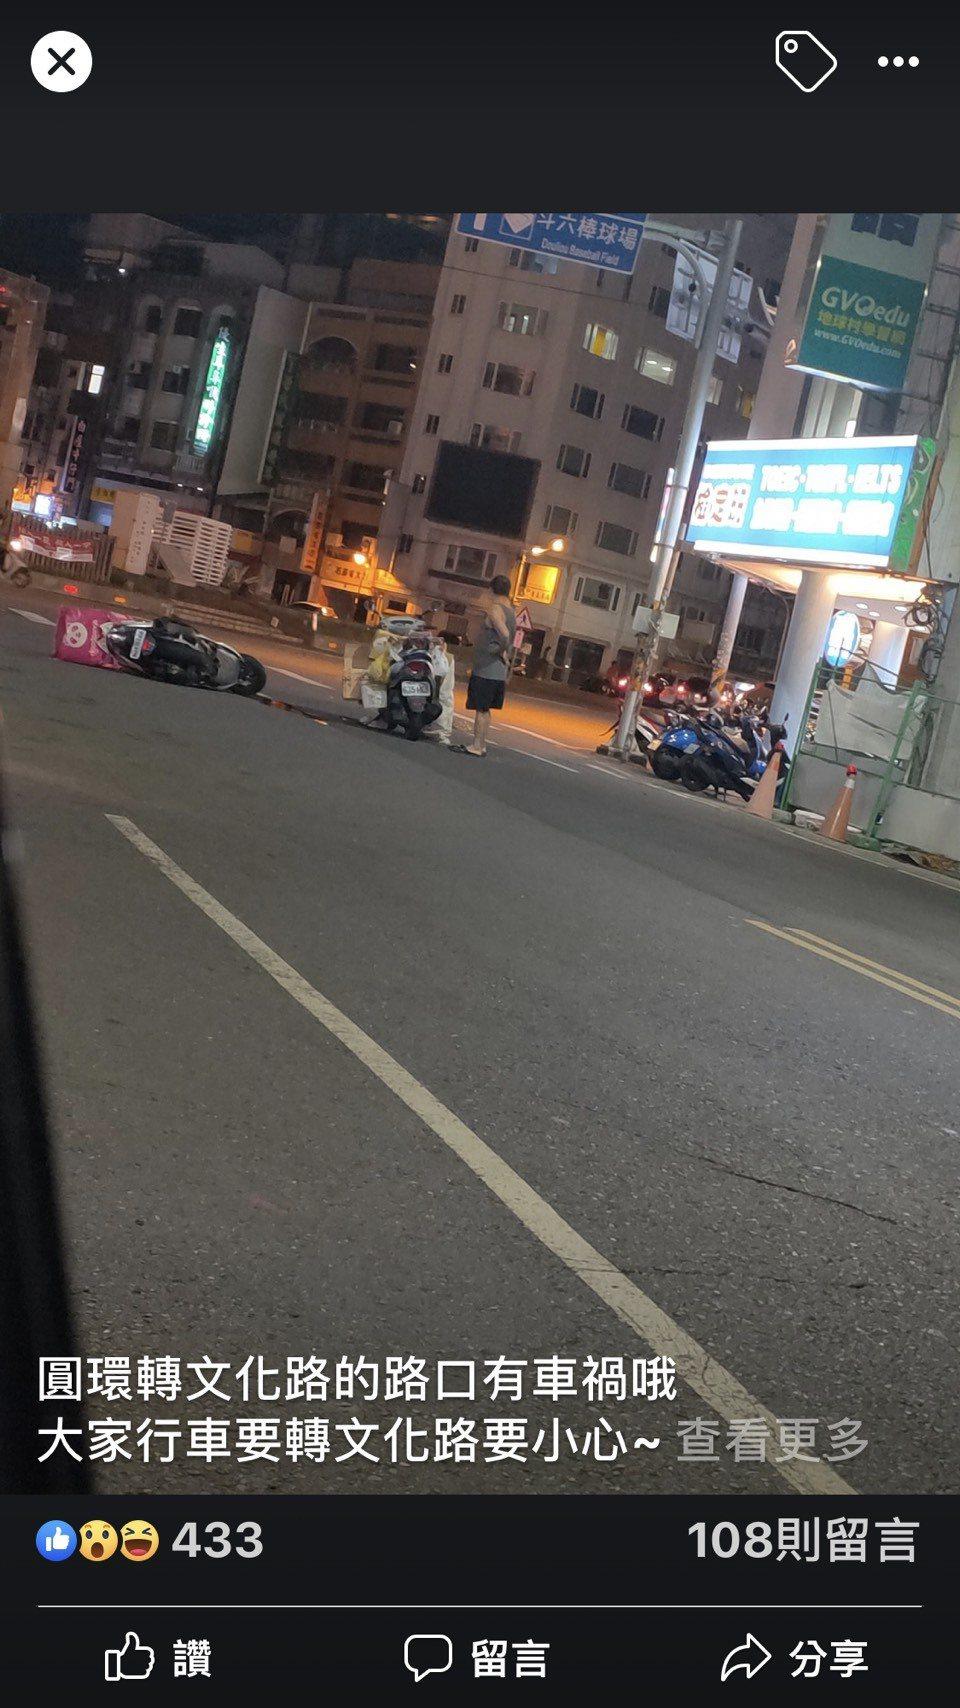 雲林縣斗六市今晚發生一起美食平台外送員車禍事故。圖/翻攝自《斗六人文社交圈》